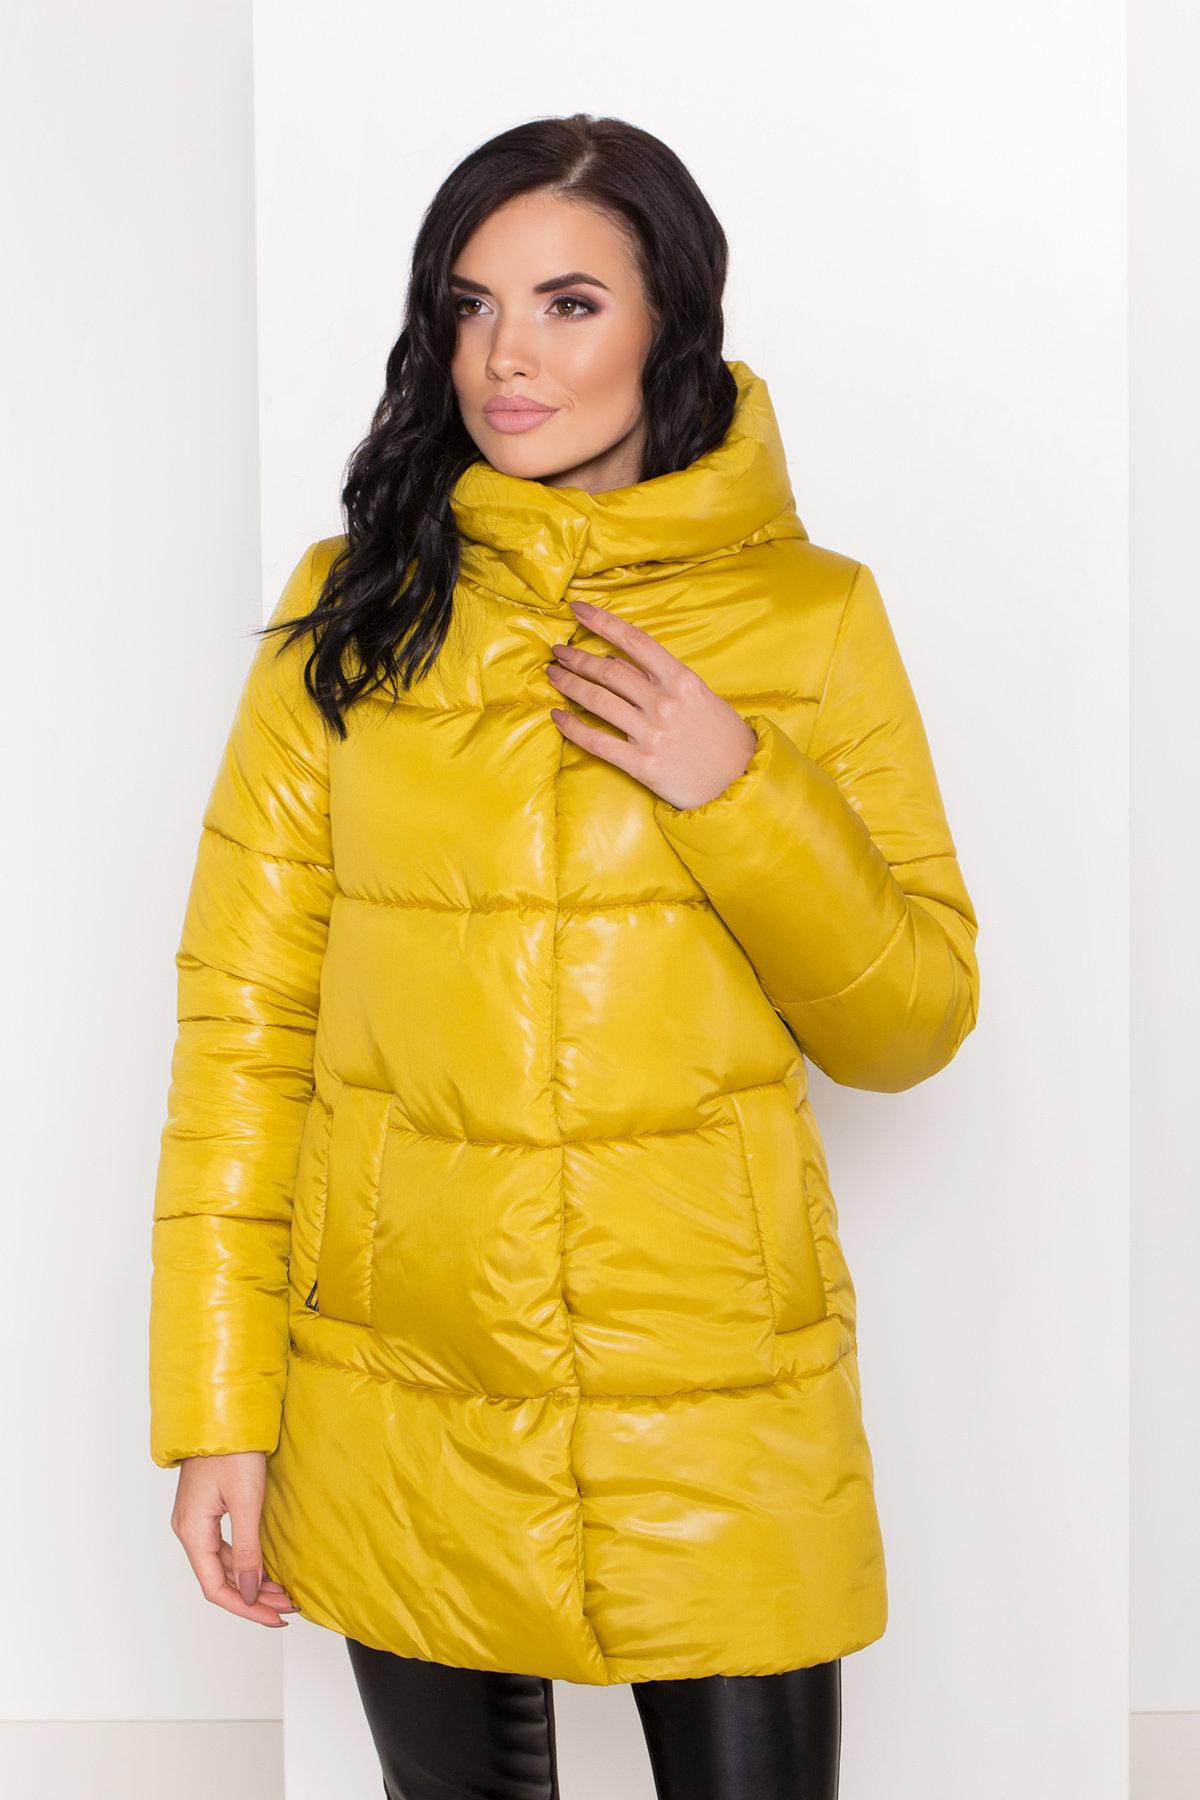 Женская зимняя куртка пуховик Техас Лаке 8238 АРТ. 44284 Цвет: Горчица - фото 4, интернет магазин tm-modus.ru